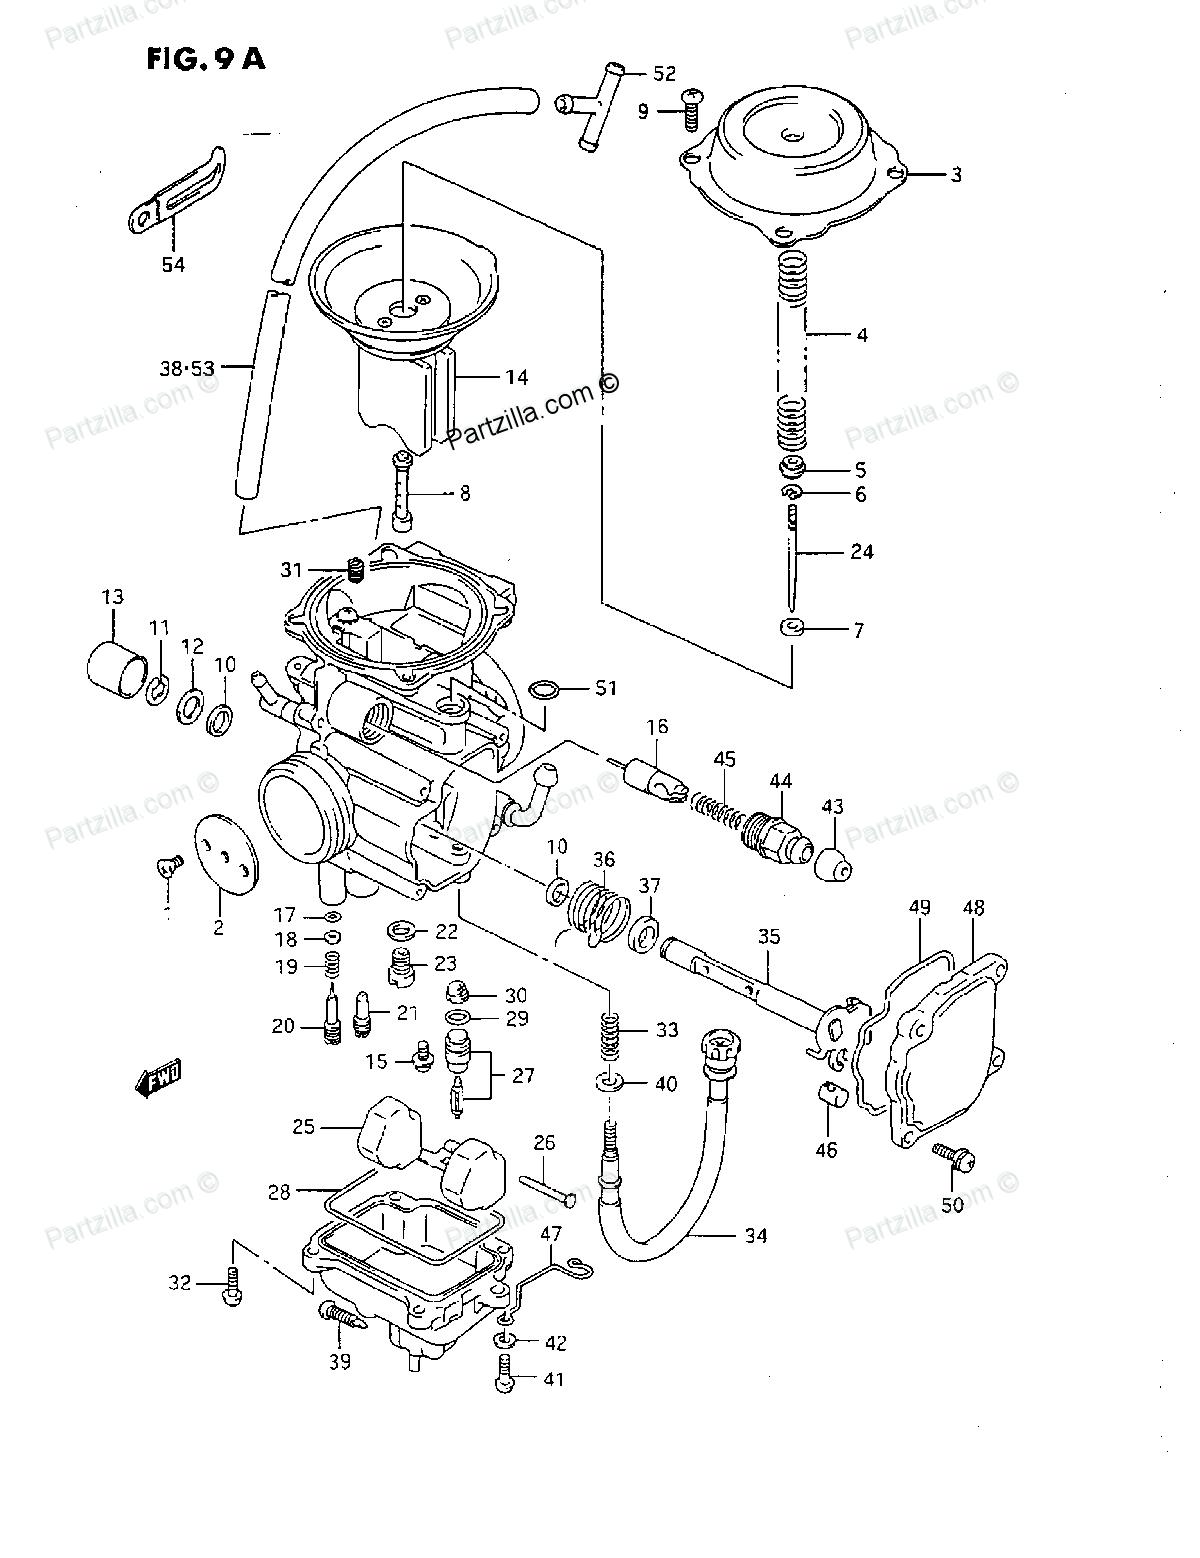 Gsxr 750 Wiring Harness Diagram Com